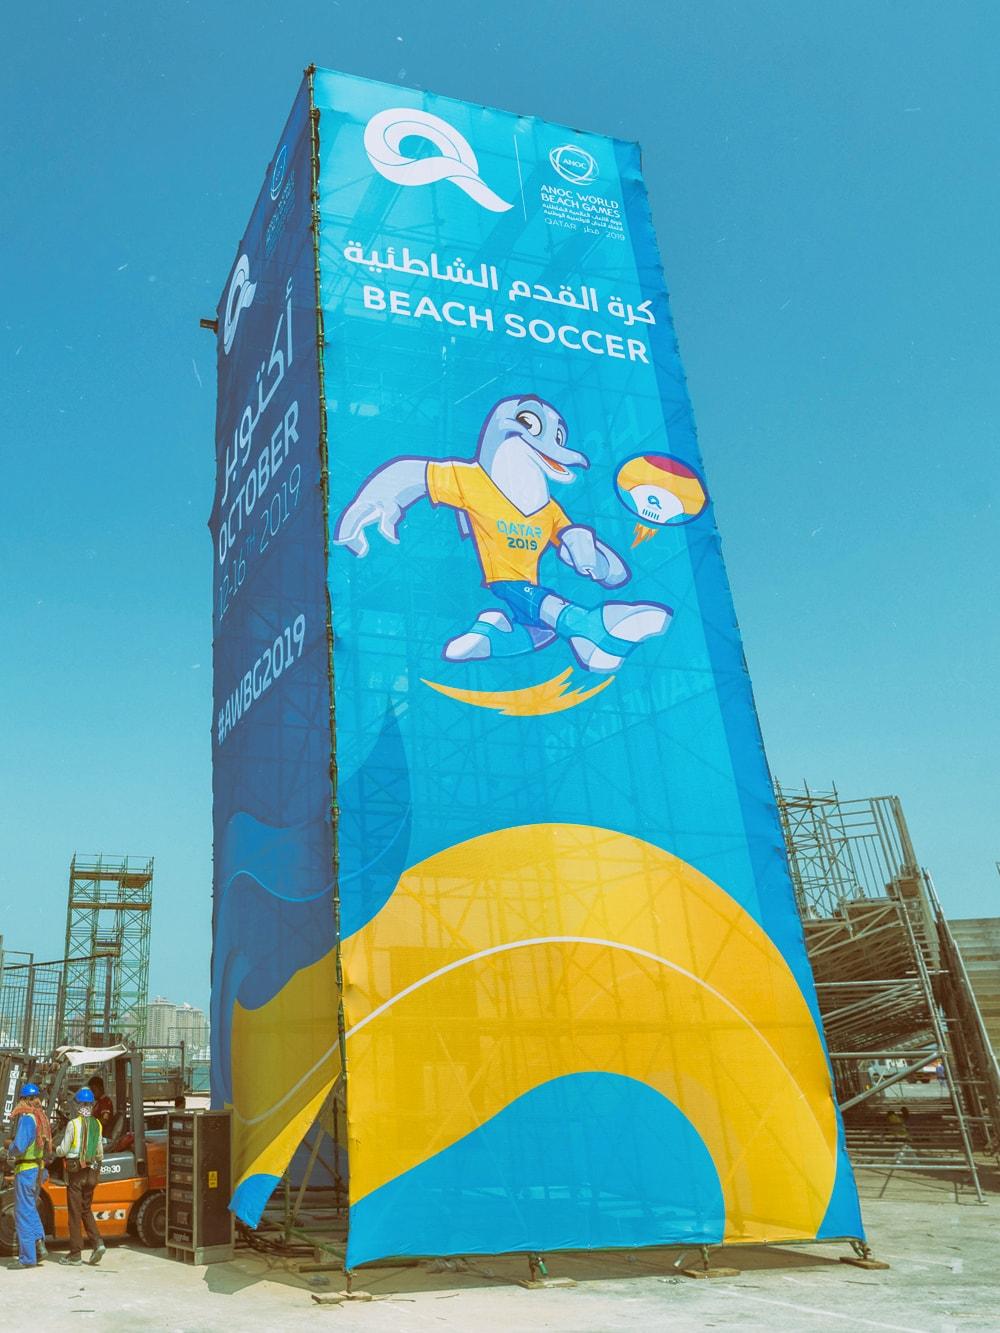 qatar 2019 awbg beach soccer